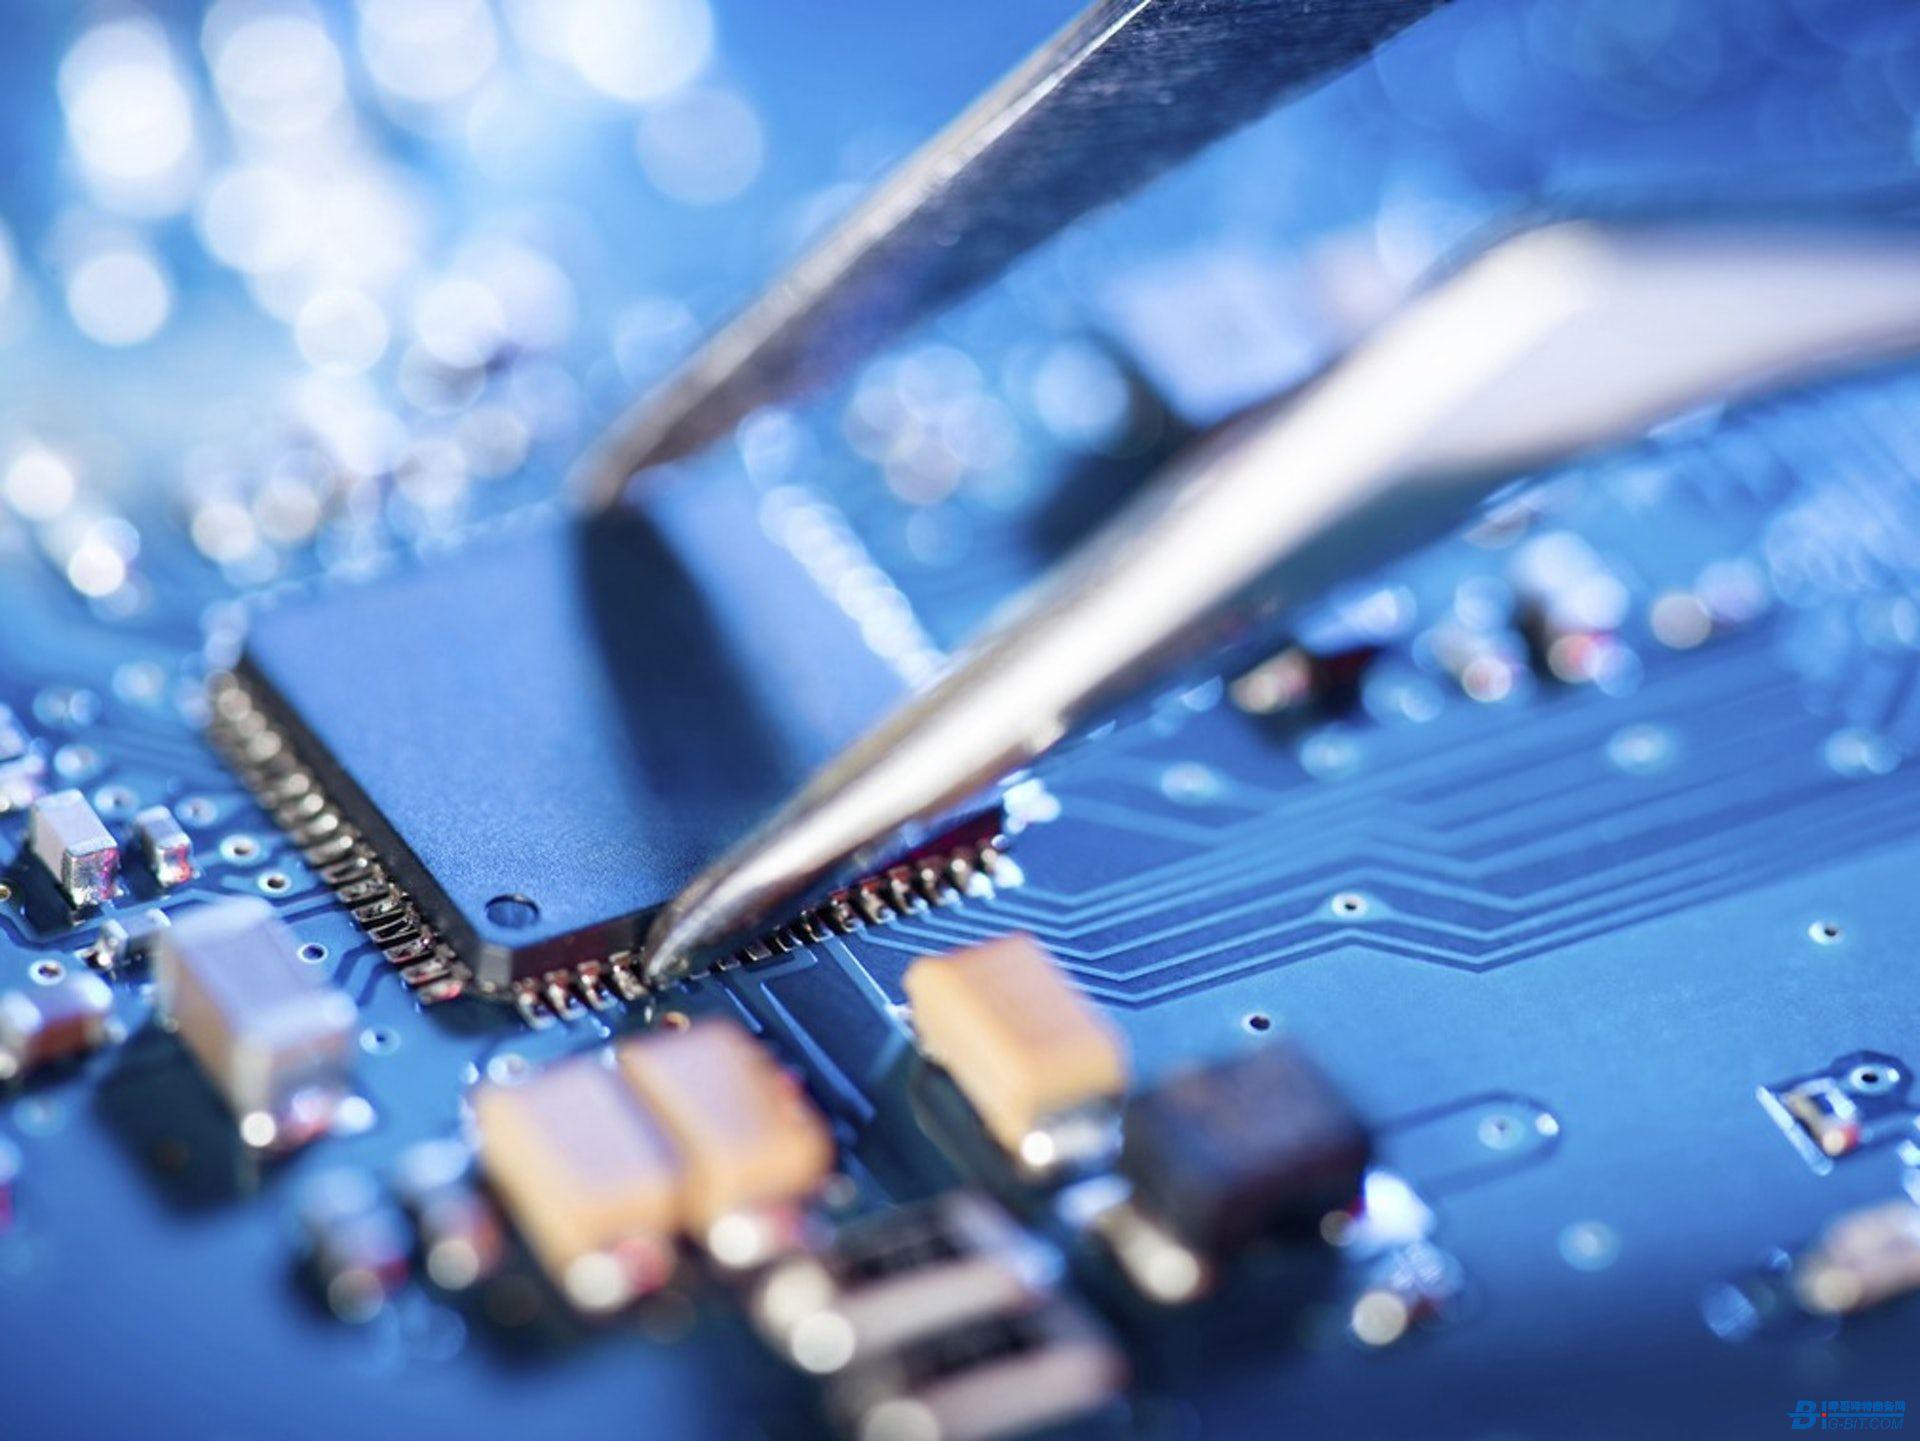 联发科MT7921 Wi-Fi 6 芯片组将用于华硕玩家国度和TUF系列笔记本电脑